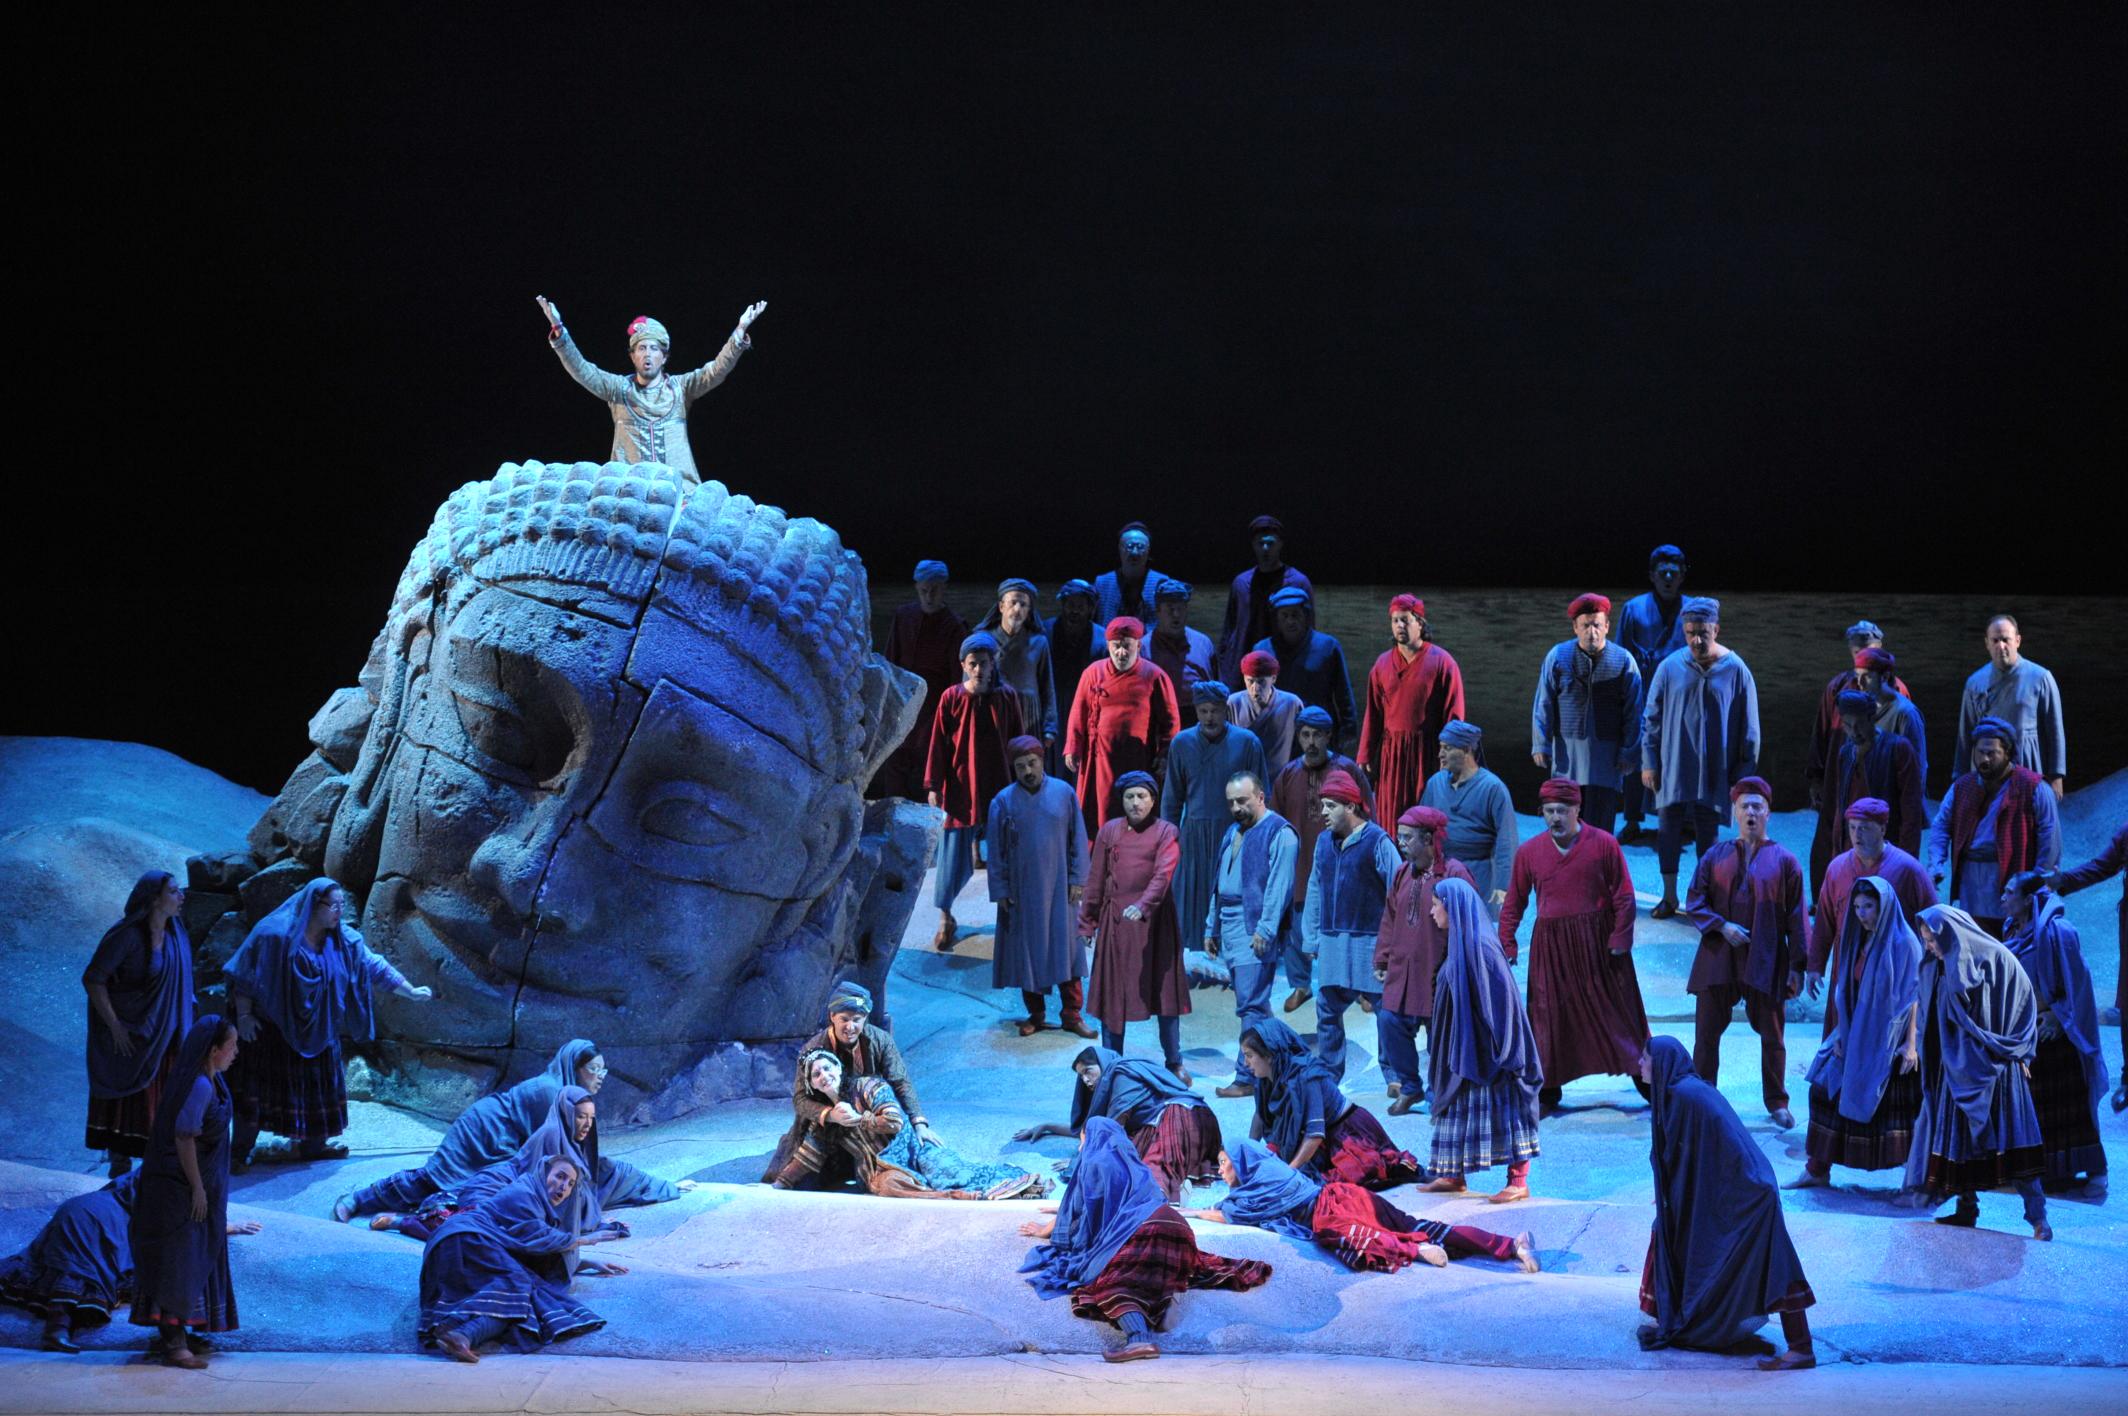 Il Teatro di San Carlo per 'Les Pêcheurs de Perles' di Georges Bizet, libretto di Michel Carré, diretto da Gabriele Ferro per la regia di Fabio Sparvoli, in programma al [...]